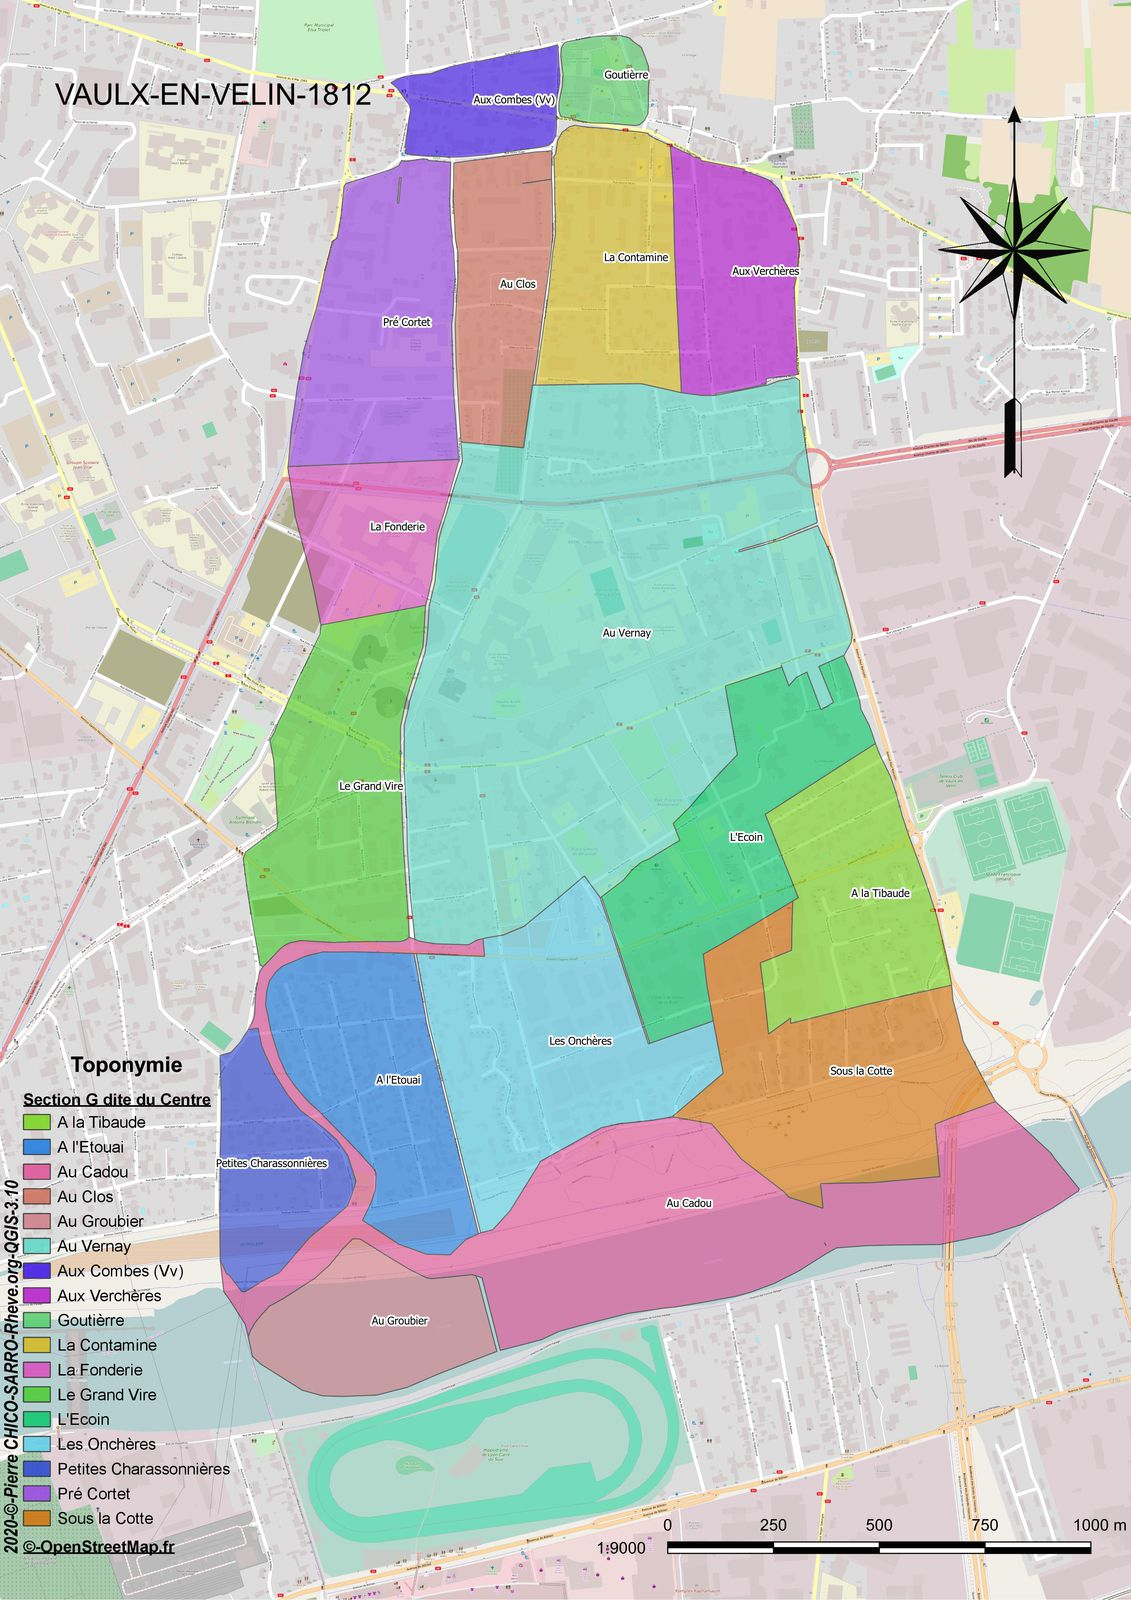 Distribution des toponymes de la section G dite du Centre à Vaulx-en-Velin en 1812